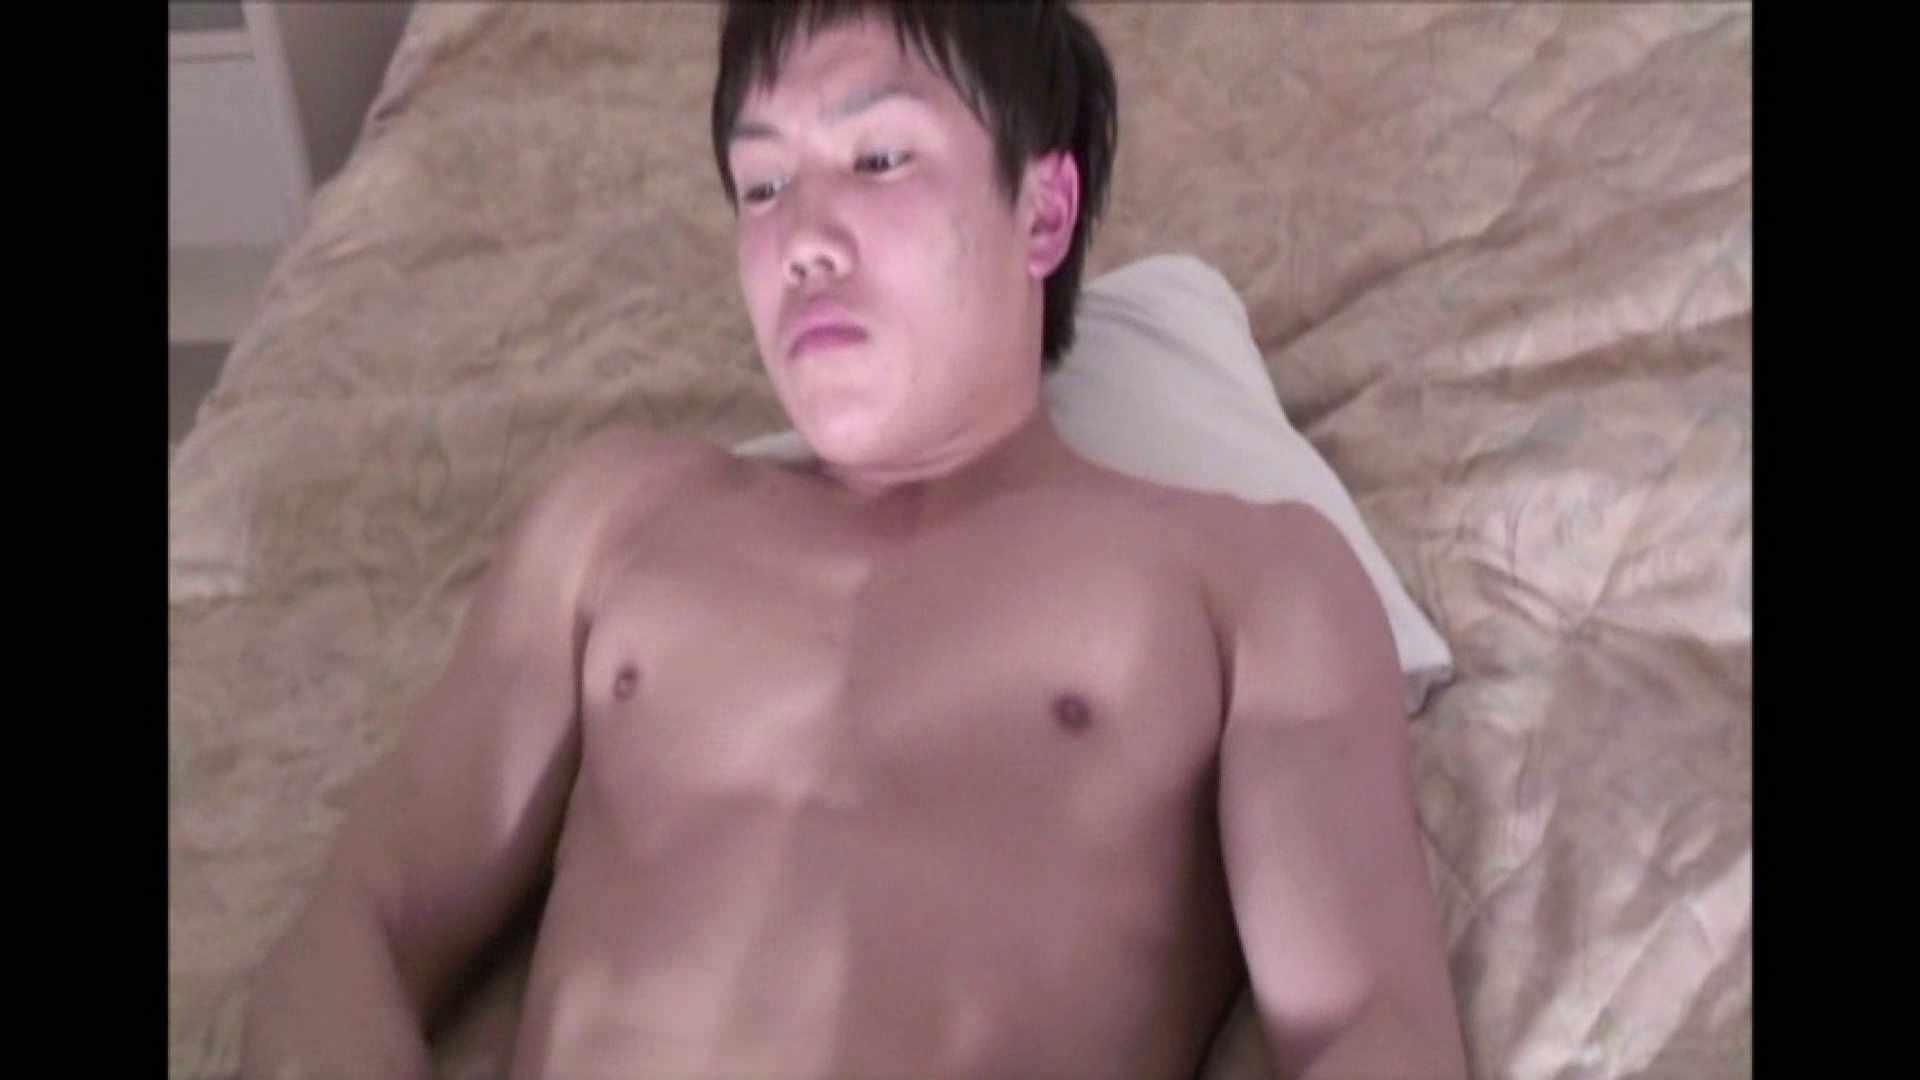 ヤリヤリ野郎共倶楽部vol.41 エロ | 男天国  61pic 59